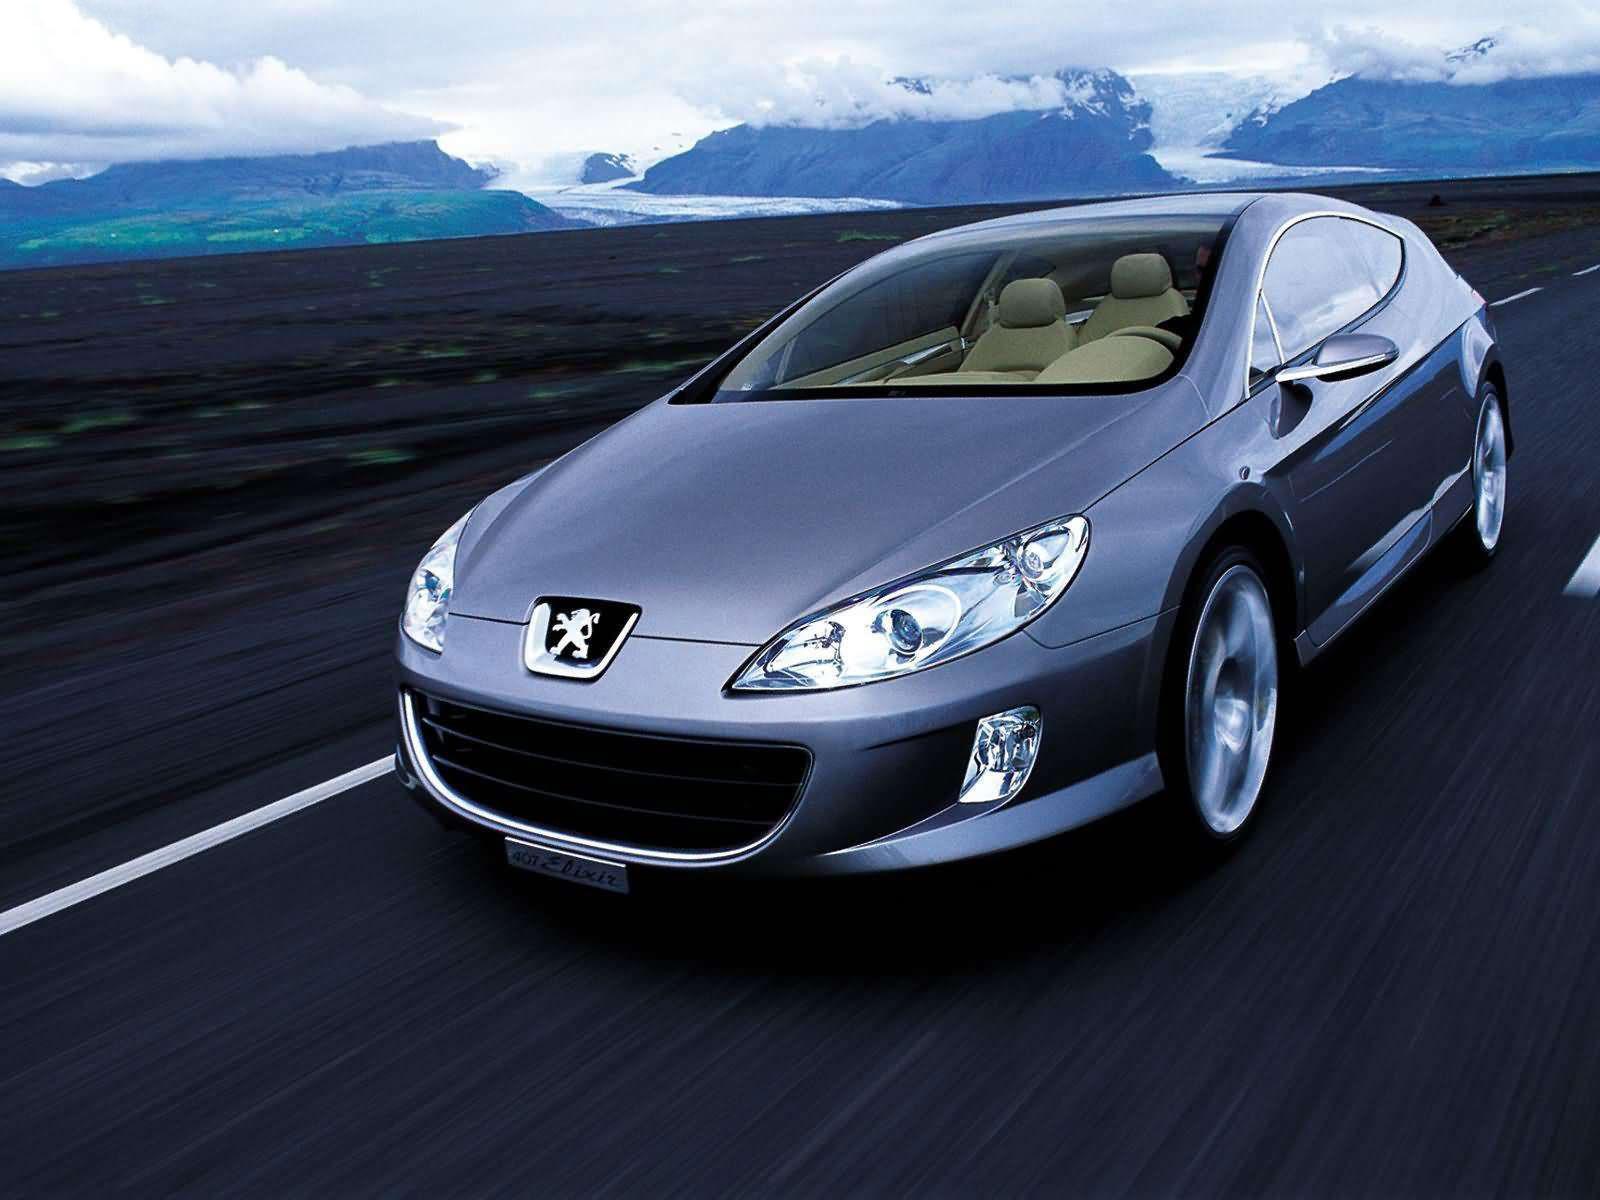 PEUGEOT 407 Elixir Concept (2003). Car Accident Lawyers Info